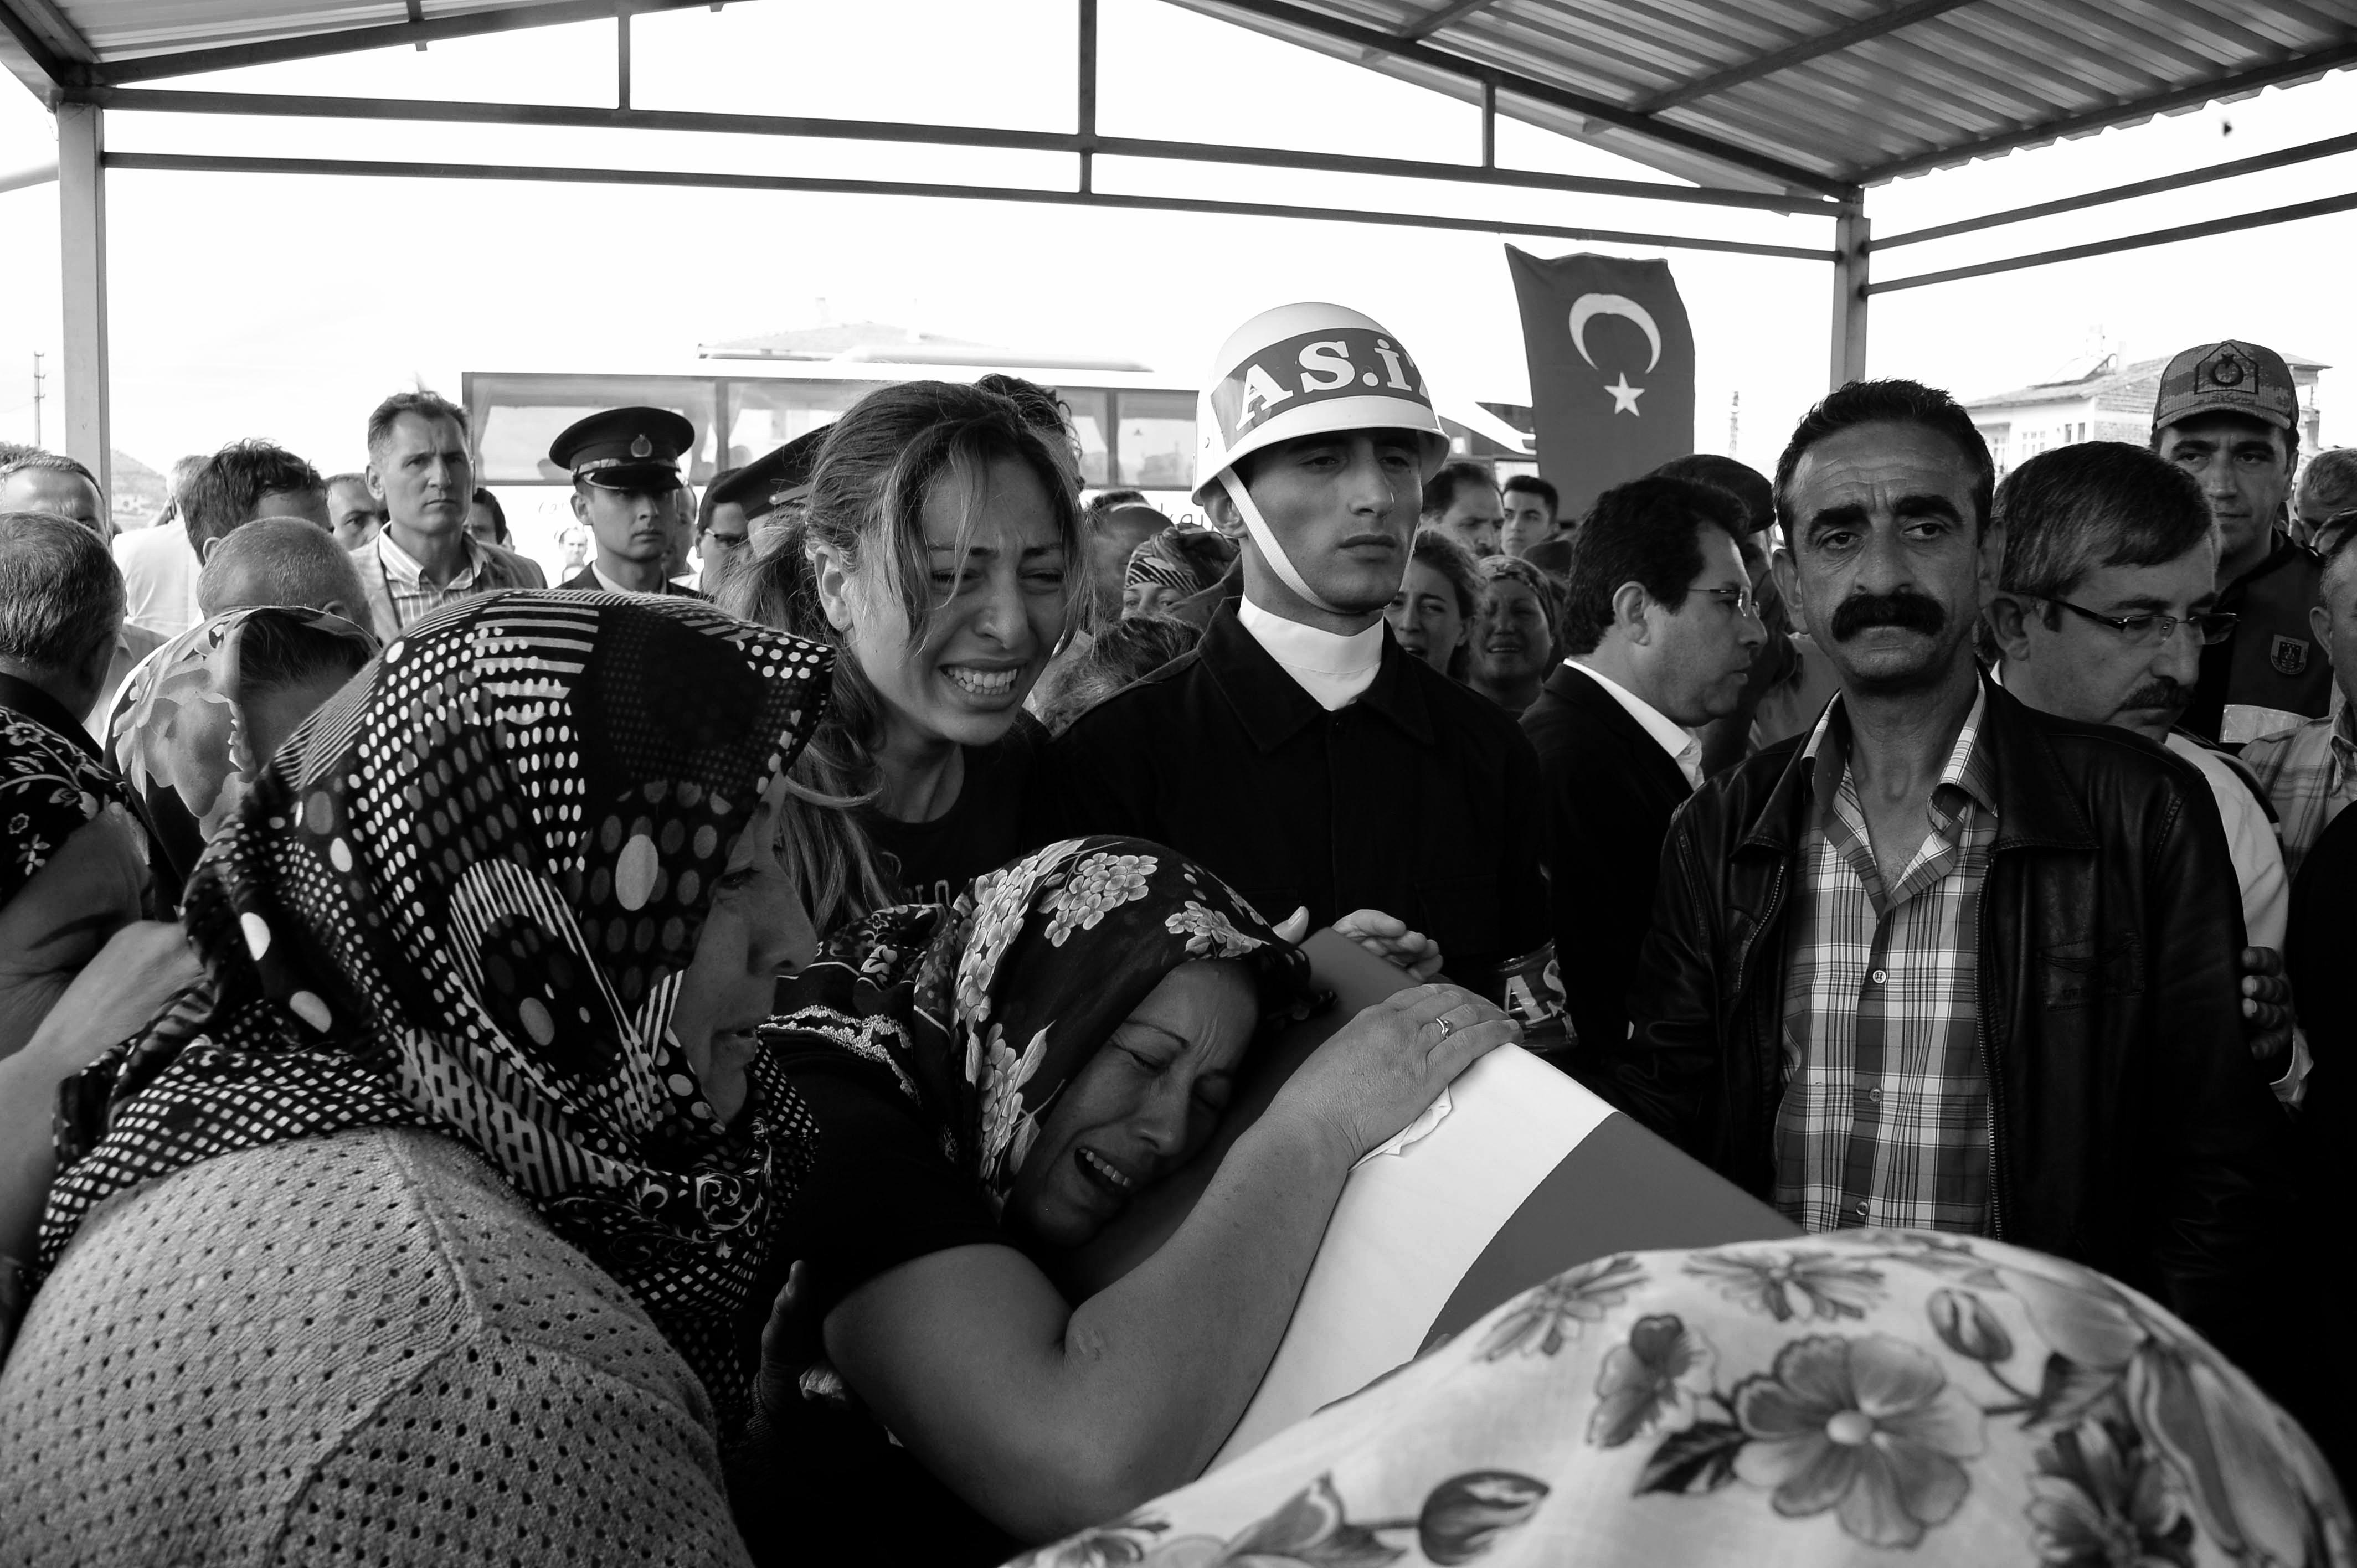 Hakkari'nin Şemdinli ilçesinde düzenlenen bombalı saldırıda şehit olan Astsubay Kenan Ceylan'ın cenazesi, memleketi Tokat'ın Zile ilçesinde son yolculuğuna uğurlandı. Şehidin annesi Güner ve kız kardeşi Ebru tabuta sarıldılar.  (Ekber Türkoğlu - Anadolu Ajansı)